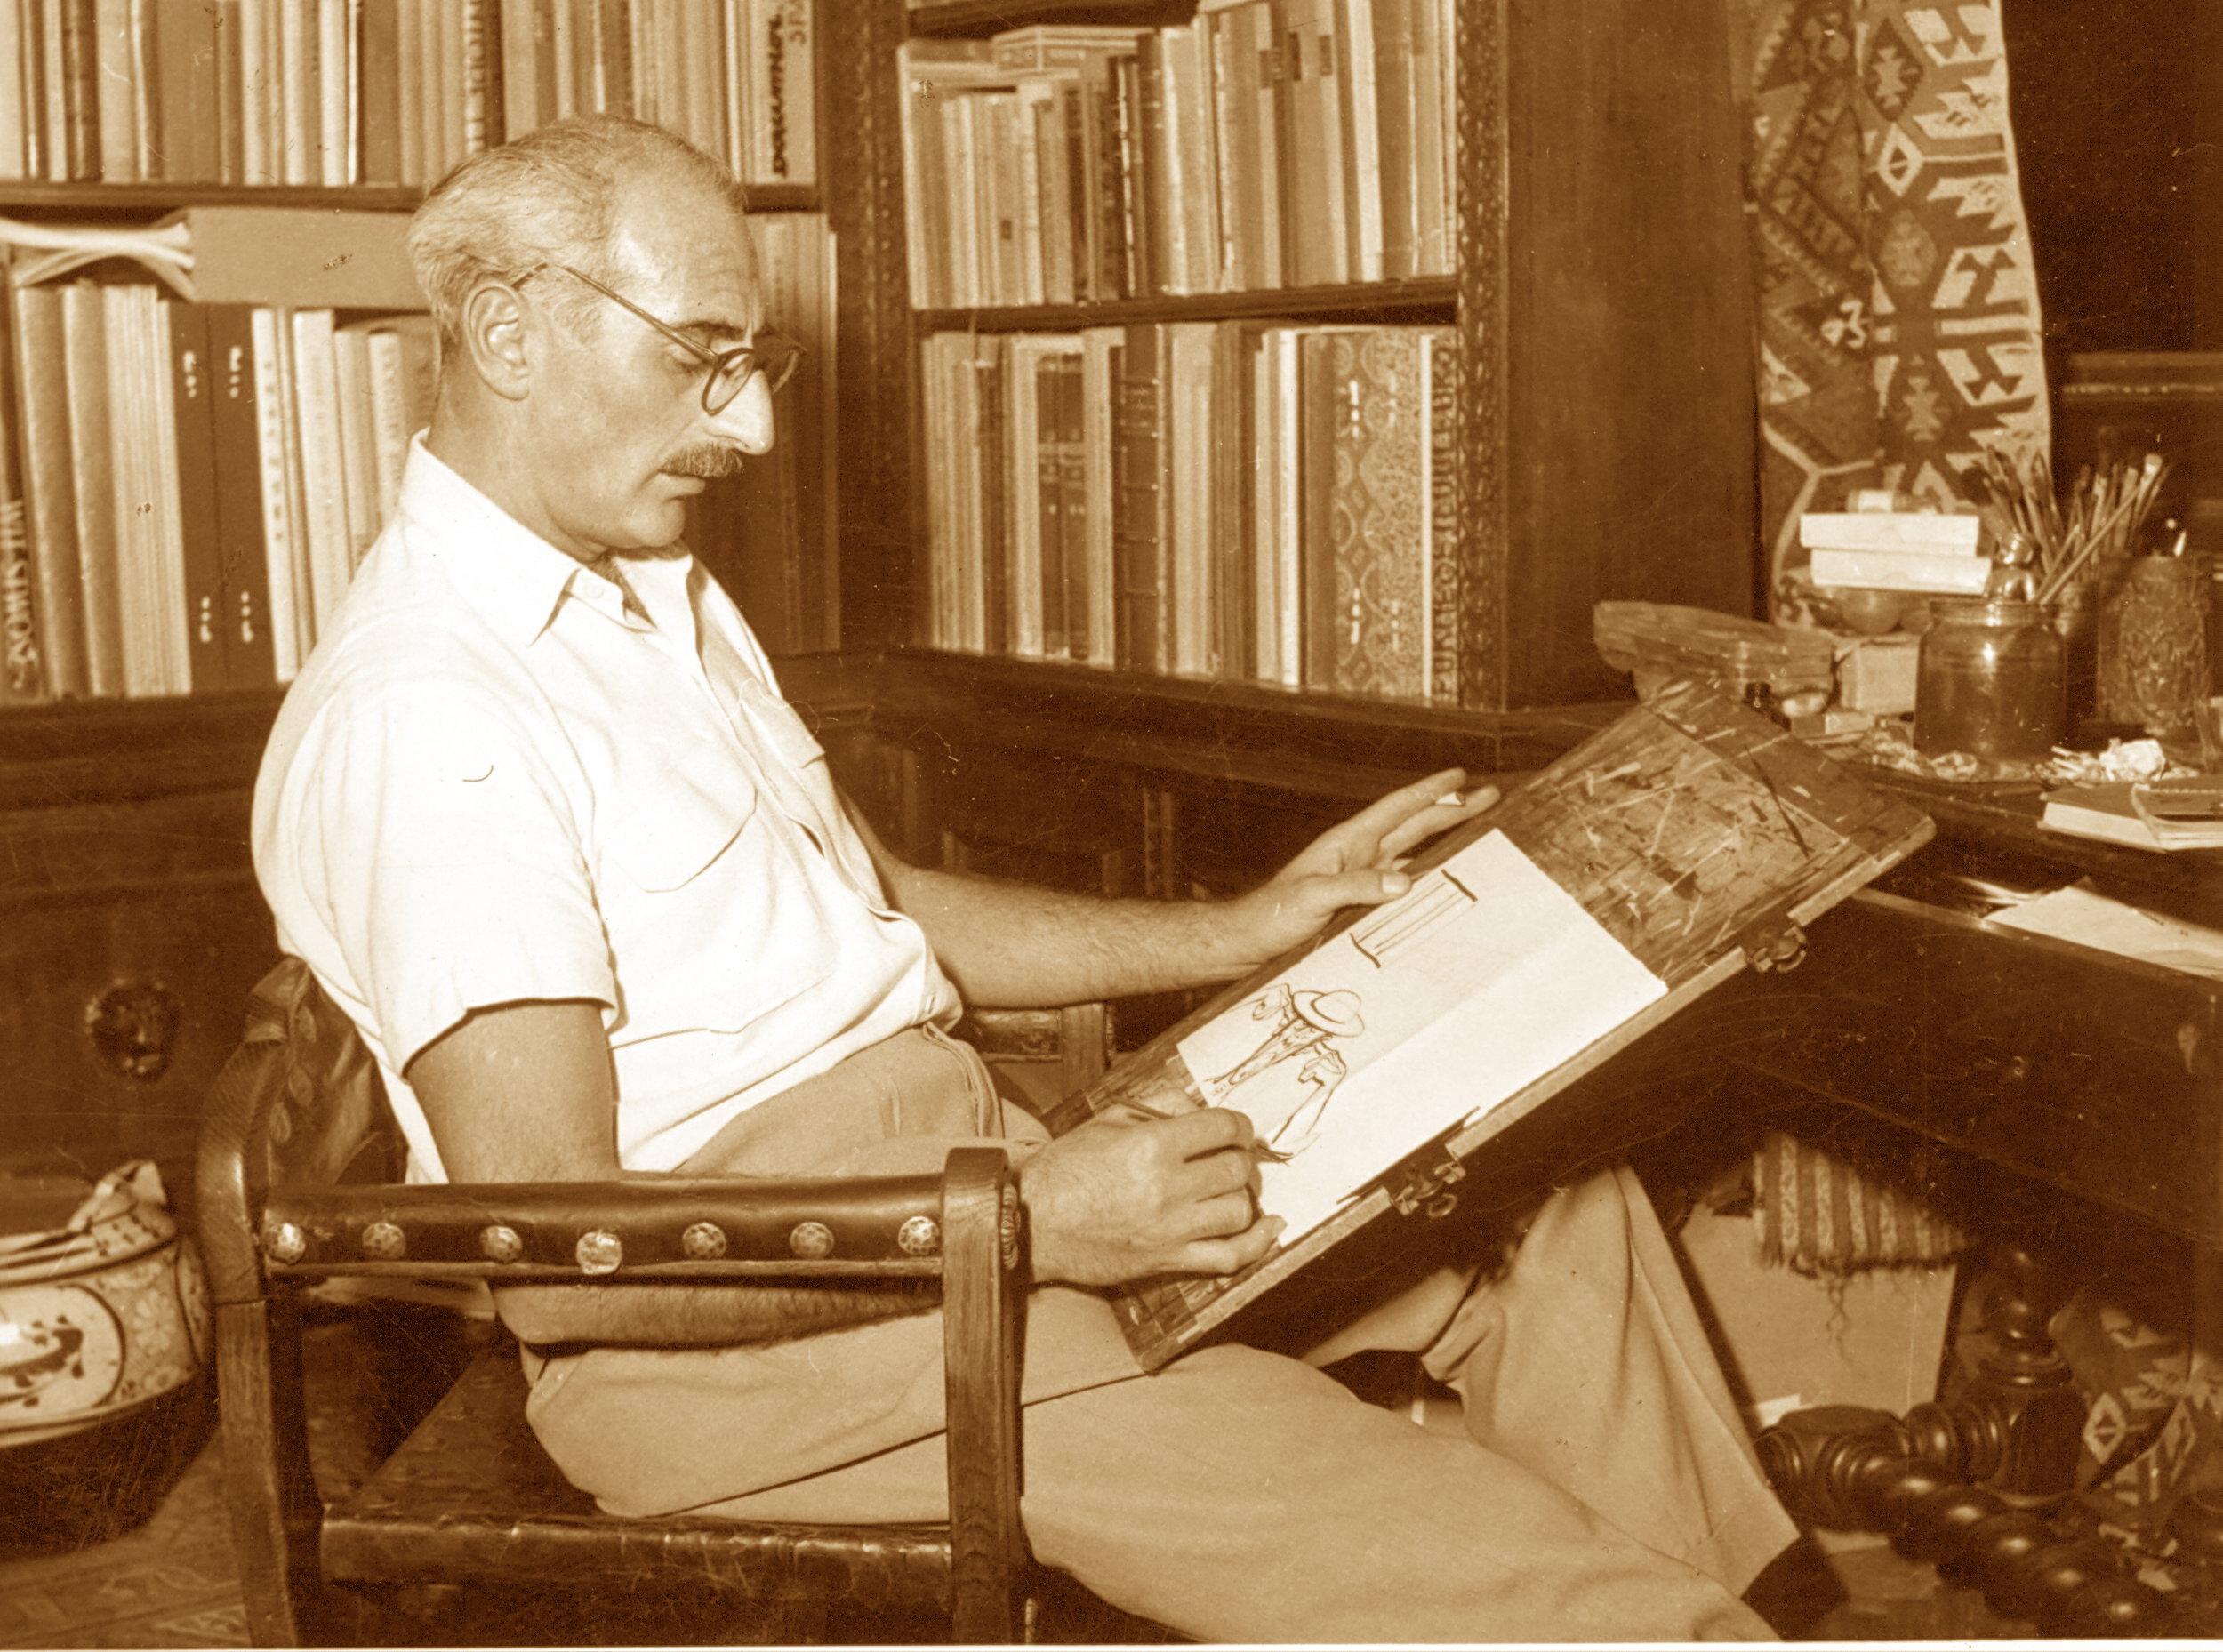 CALENDAR / Pe 6 august 1919 s-a născut plasticianul HACIK (CIK) DAMADIAN |  araratonline.com